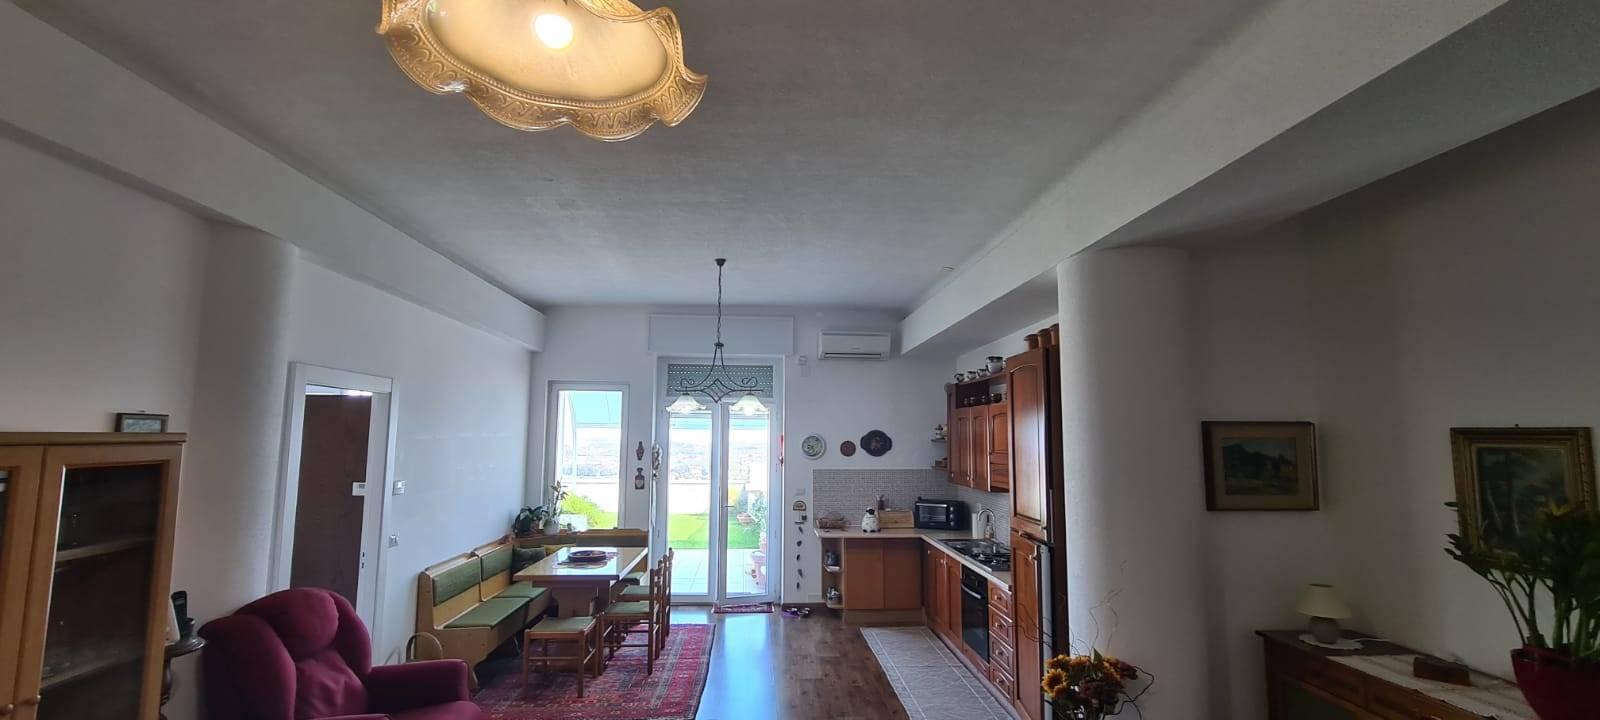 Appartamento in affitto a Martina Franca, 3 locali, prezzo € 700   CambioCasa.it